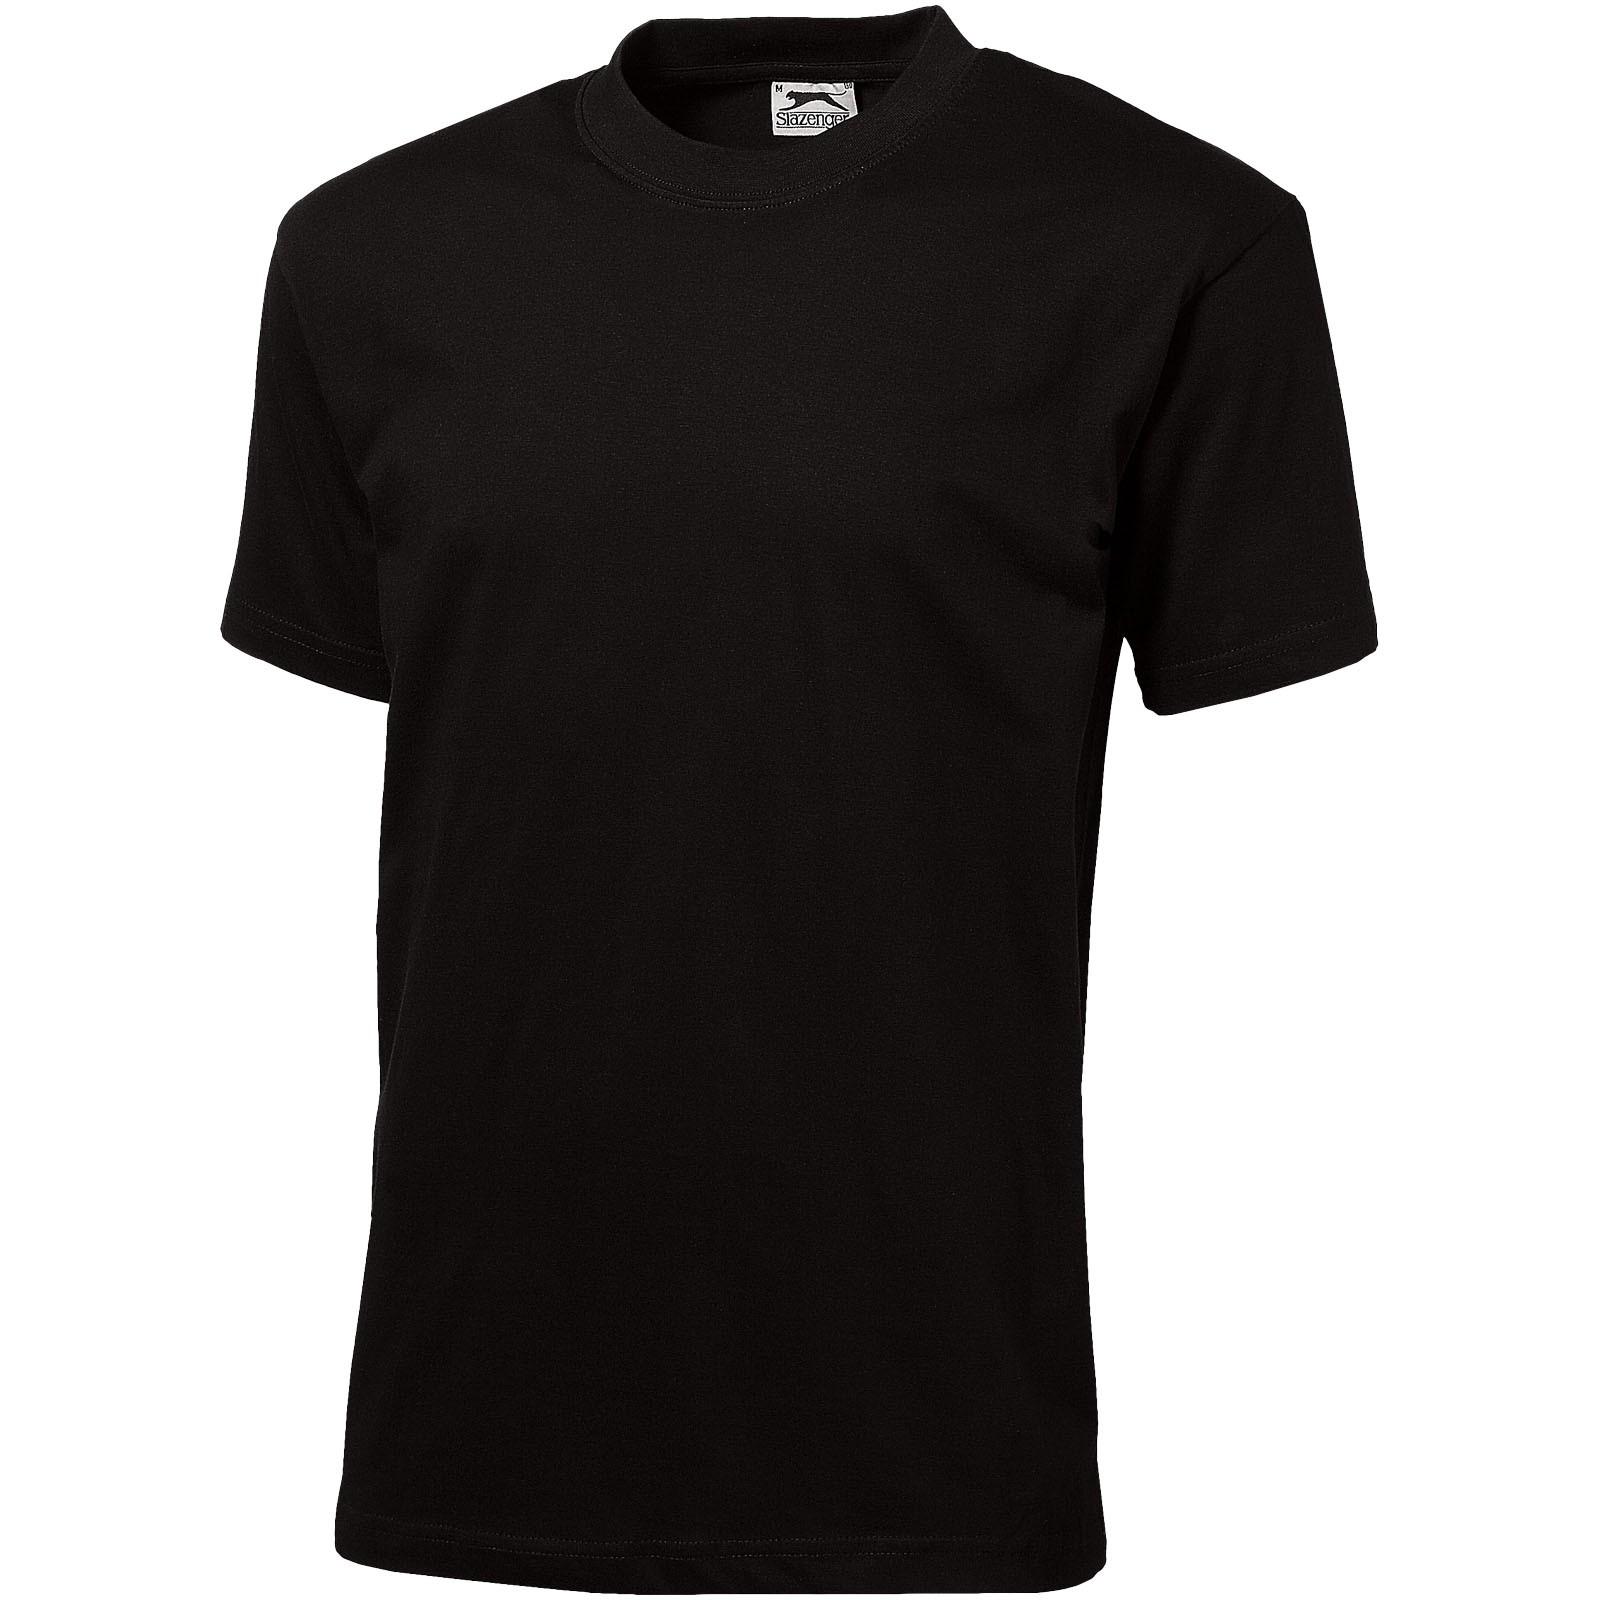 Pánské triko Ace s krátkým rukávem - Černá / XXL